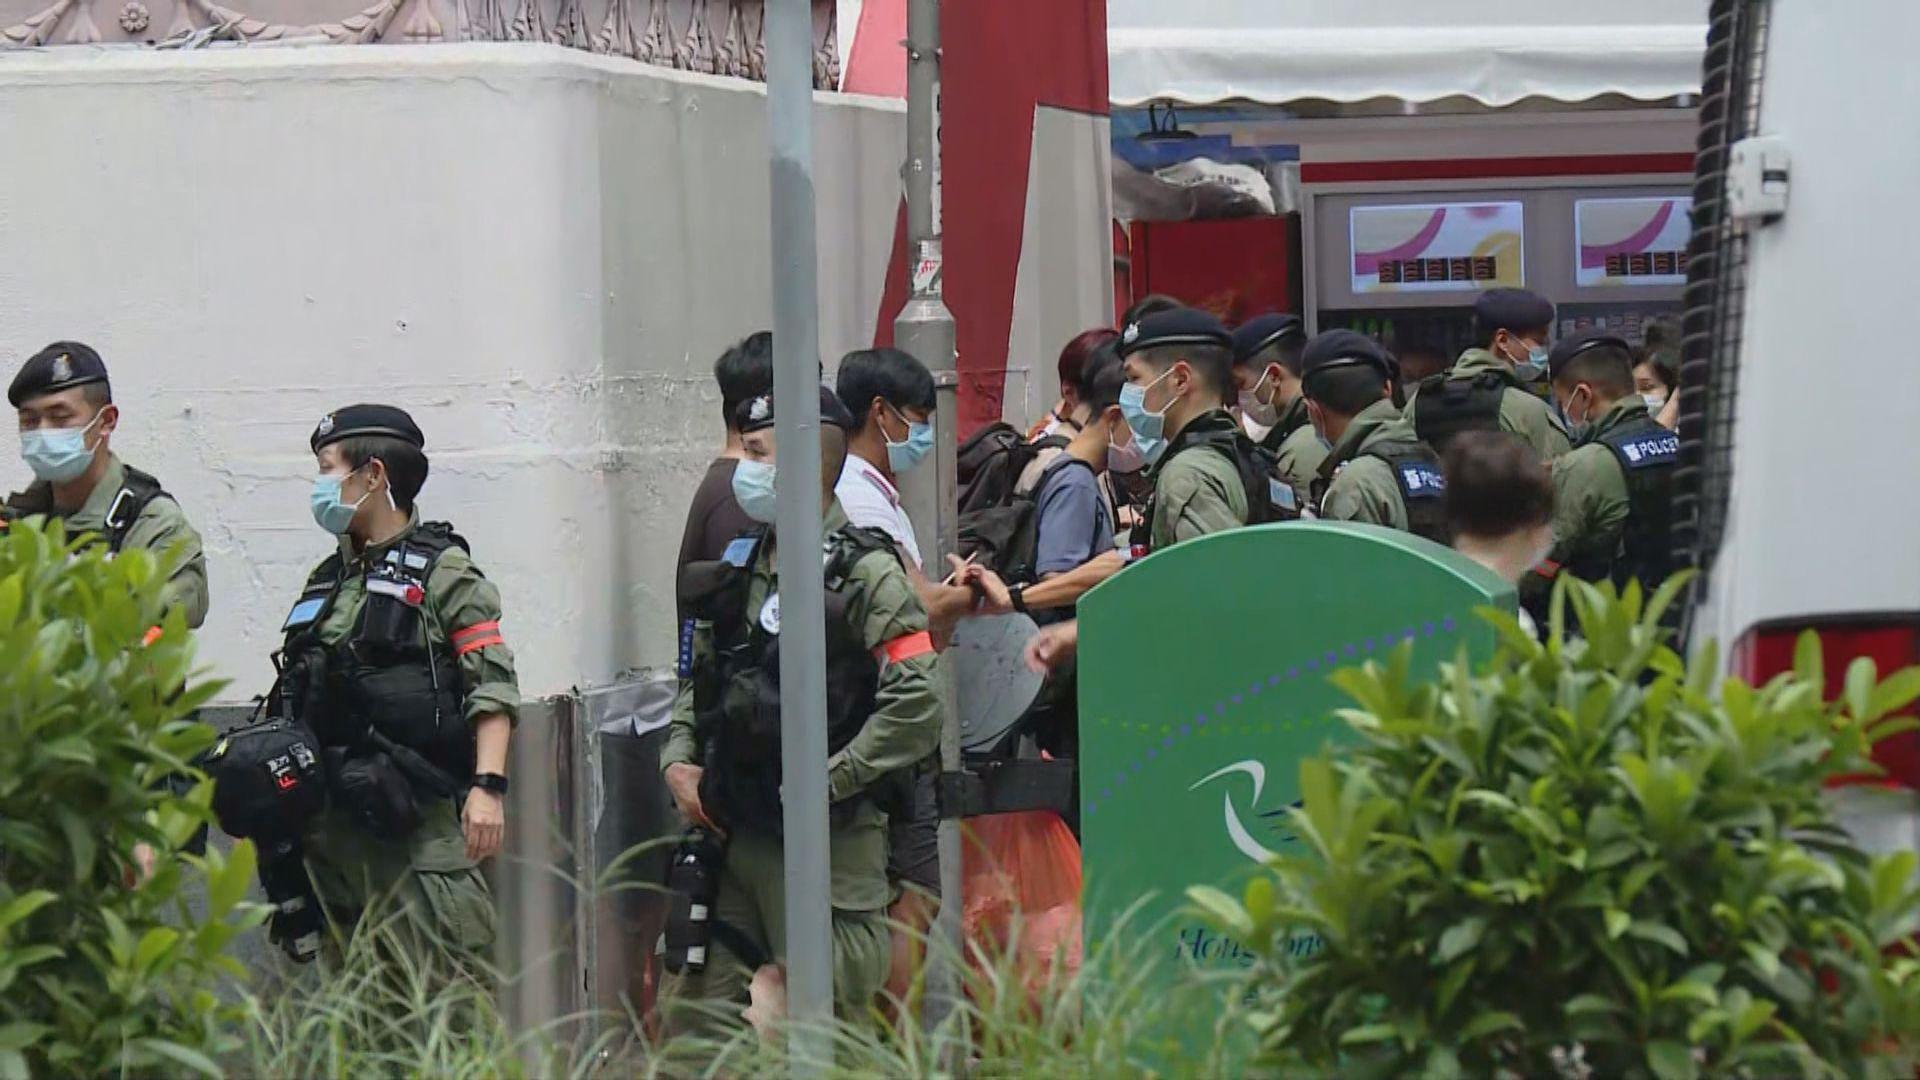 網民發起九龍遊行 警方旺角彌敦道加強警力截查